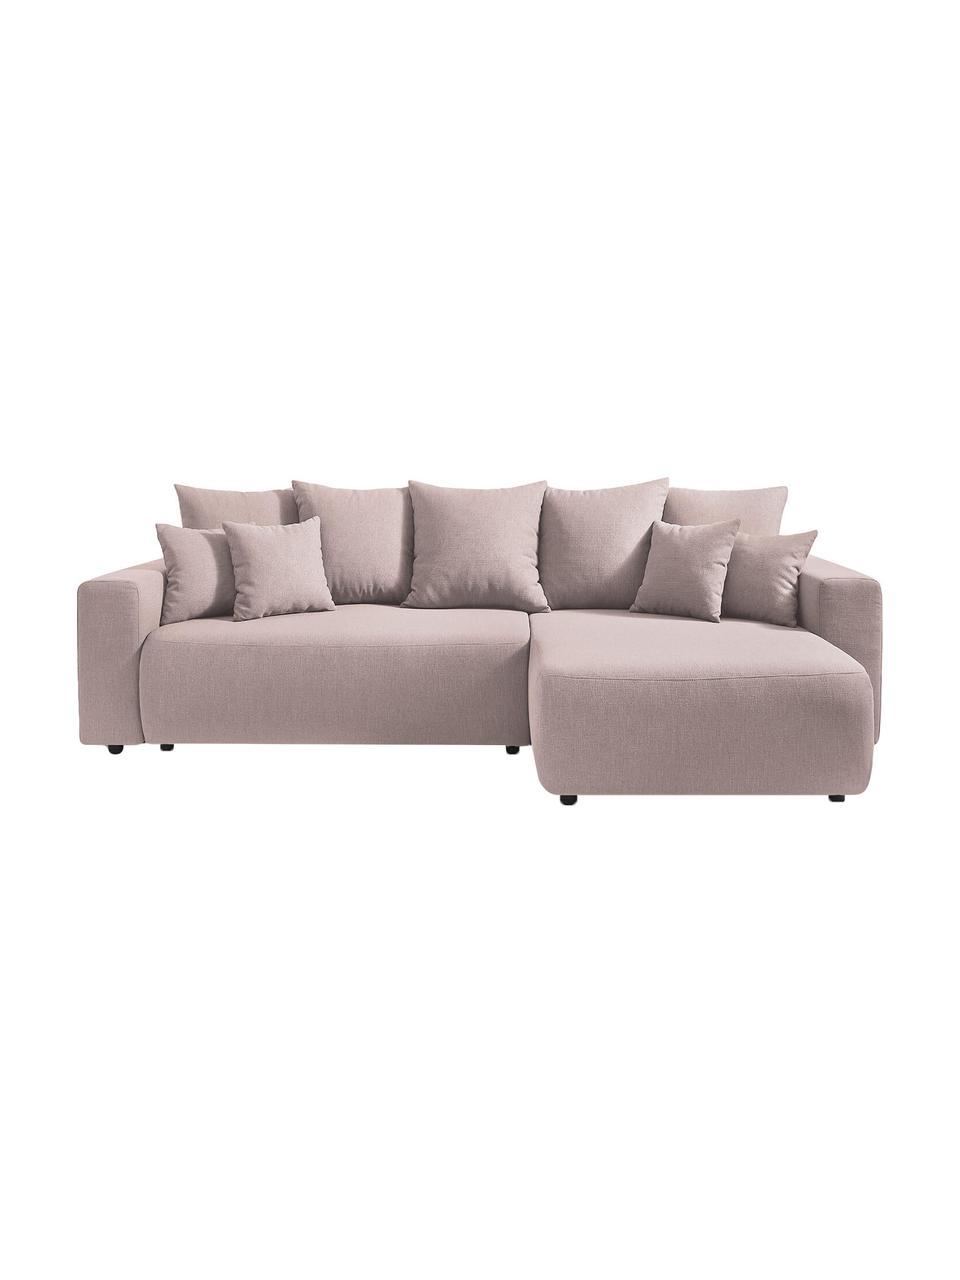 Modułowa sofa narożna z funkcją spania i miejscem do przechowywania Elvi, Tapicerka: poliester, Nogi: tworzywo sztuczne, Blady różowy, S 282 x G 153 cm